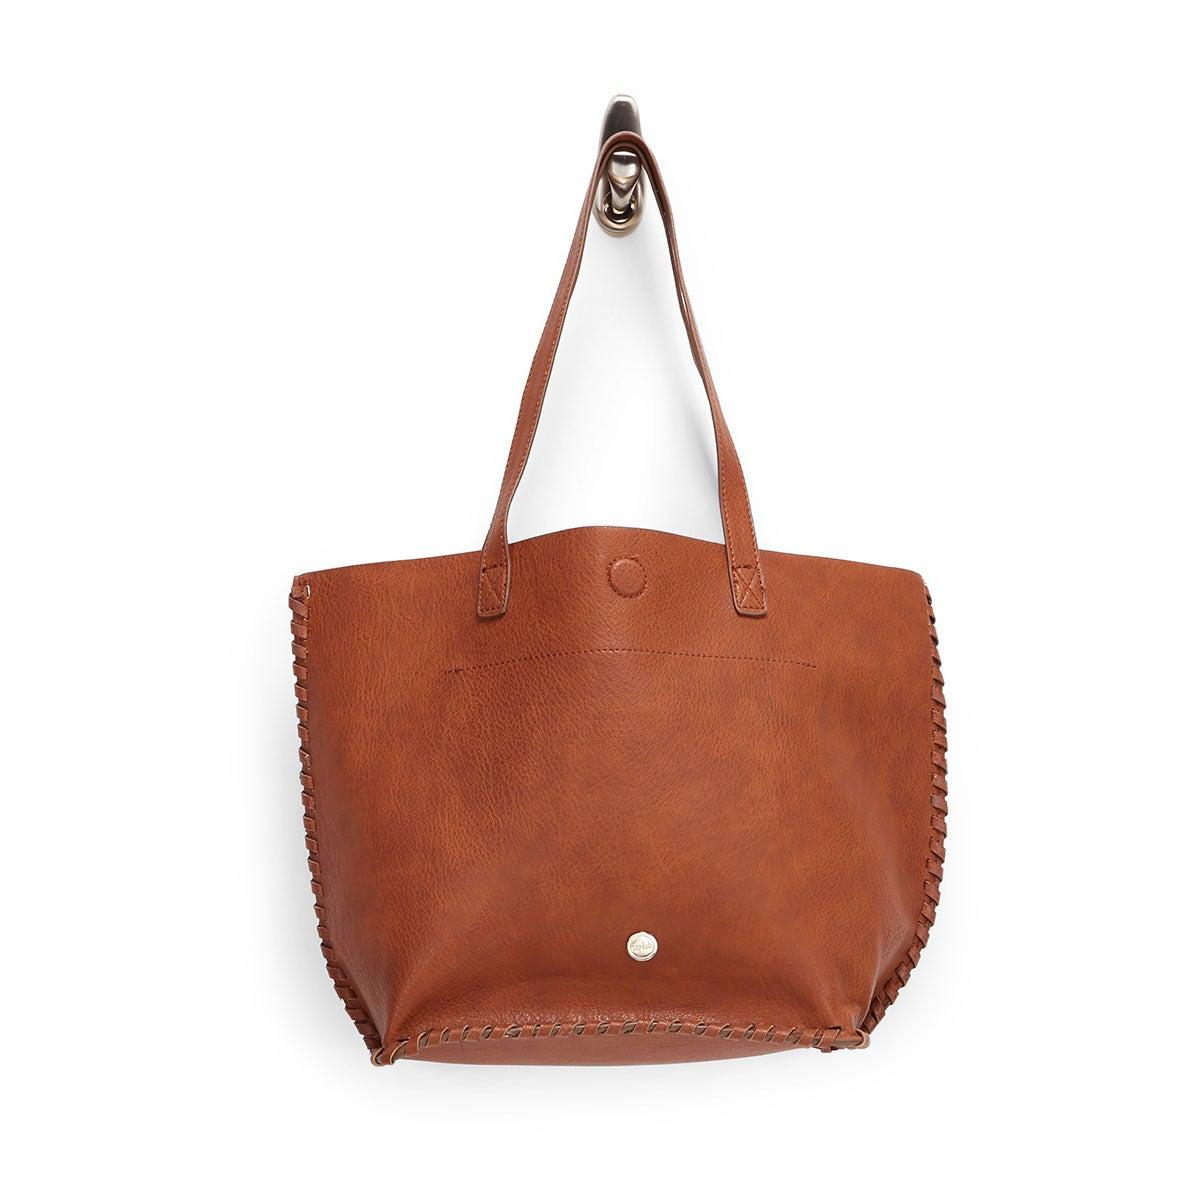 Lds cognac stitched tote bag